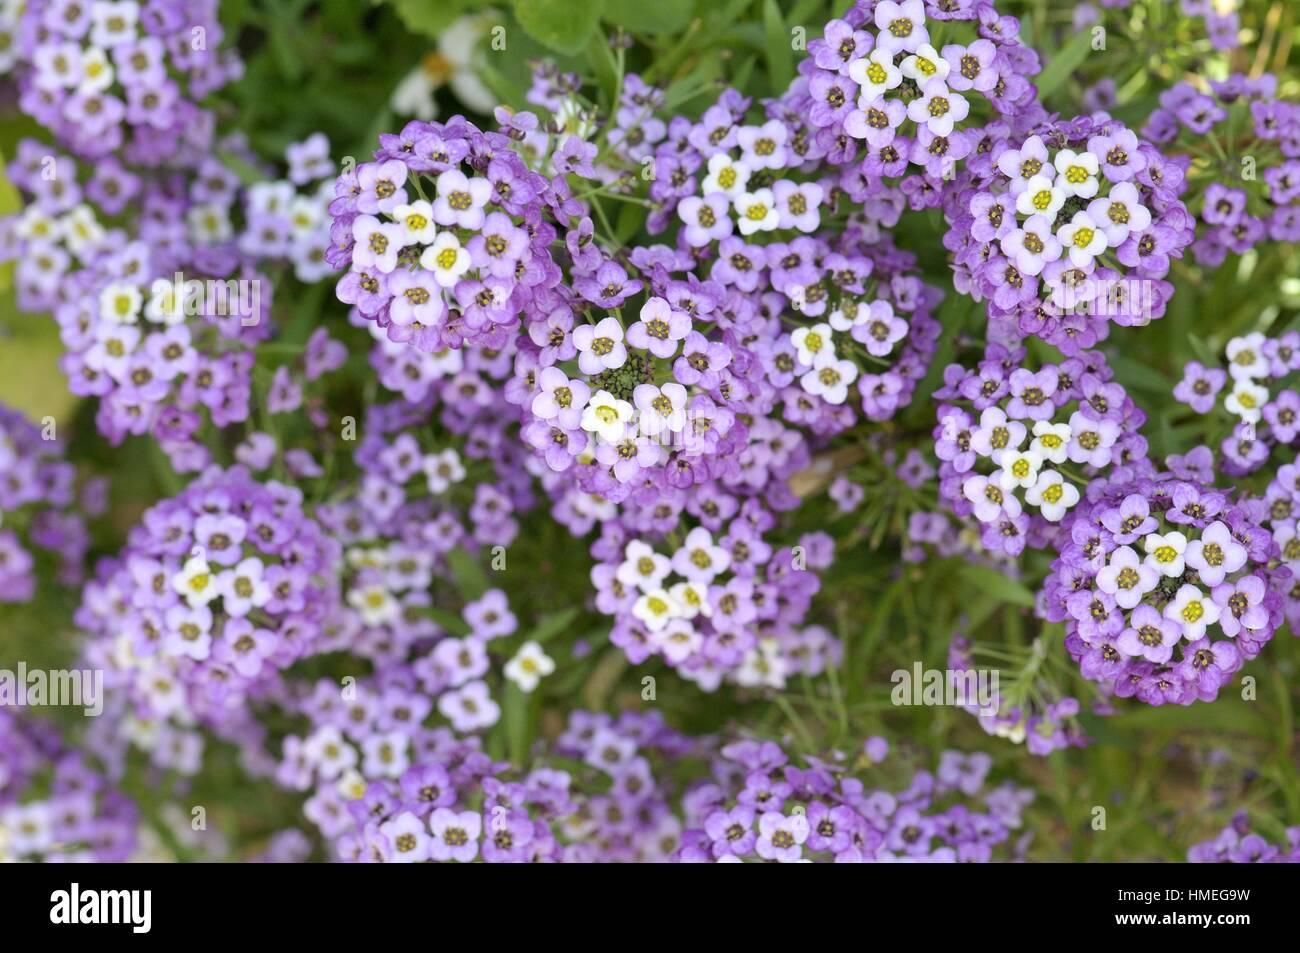 Garden Flowers Lantana Sp Genus Of Perennial Flowering Plants In